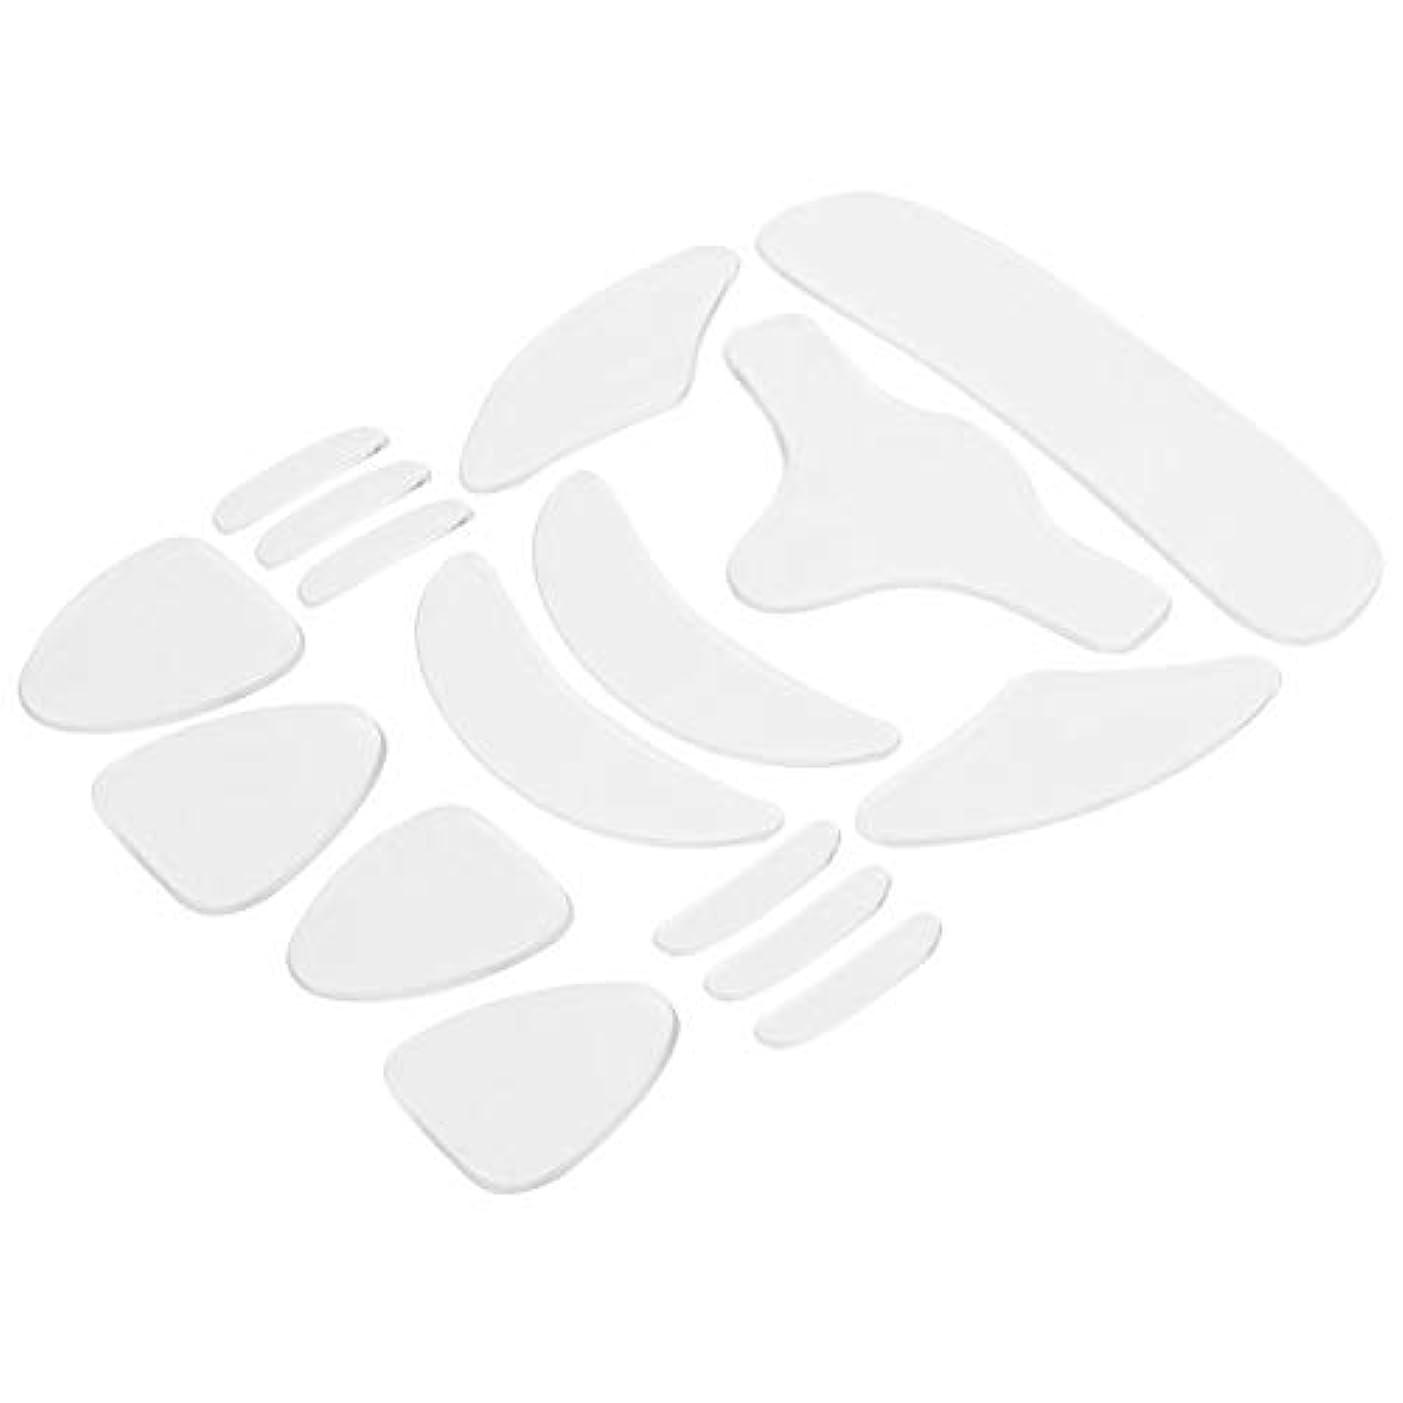 滝村破壊的シリコーン額パッド 再利用可能なシリコーンのしわ防止のしわの顔のステッカー 額のステッカー頬のステッカー顎のステッカー 16点セット